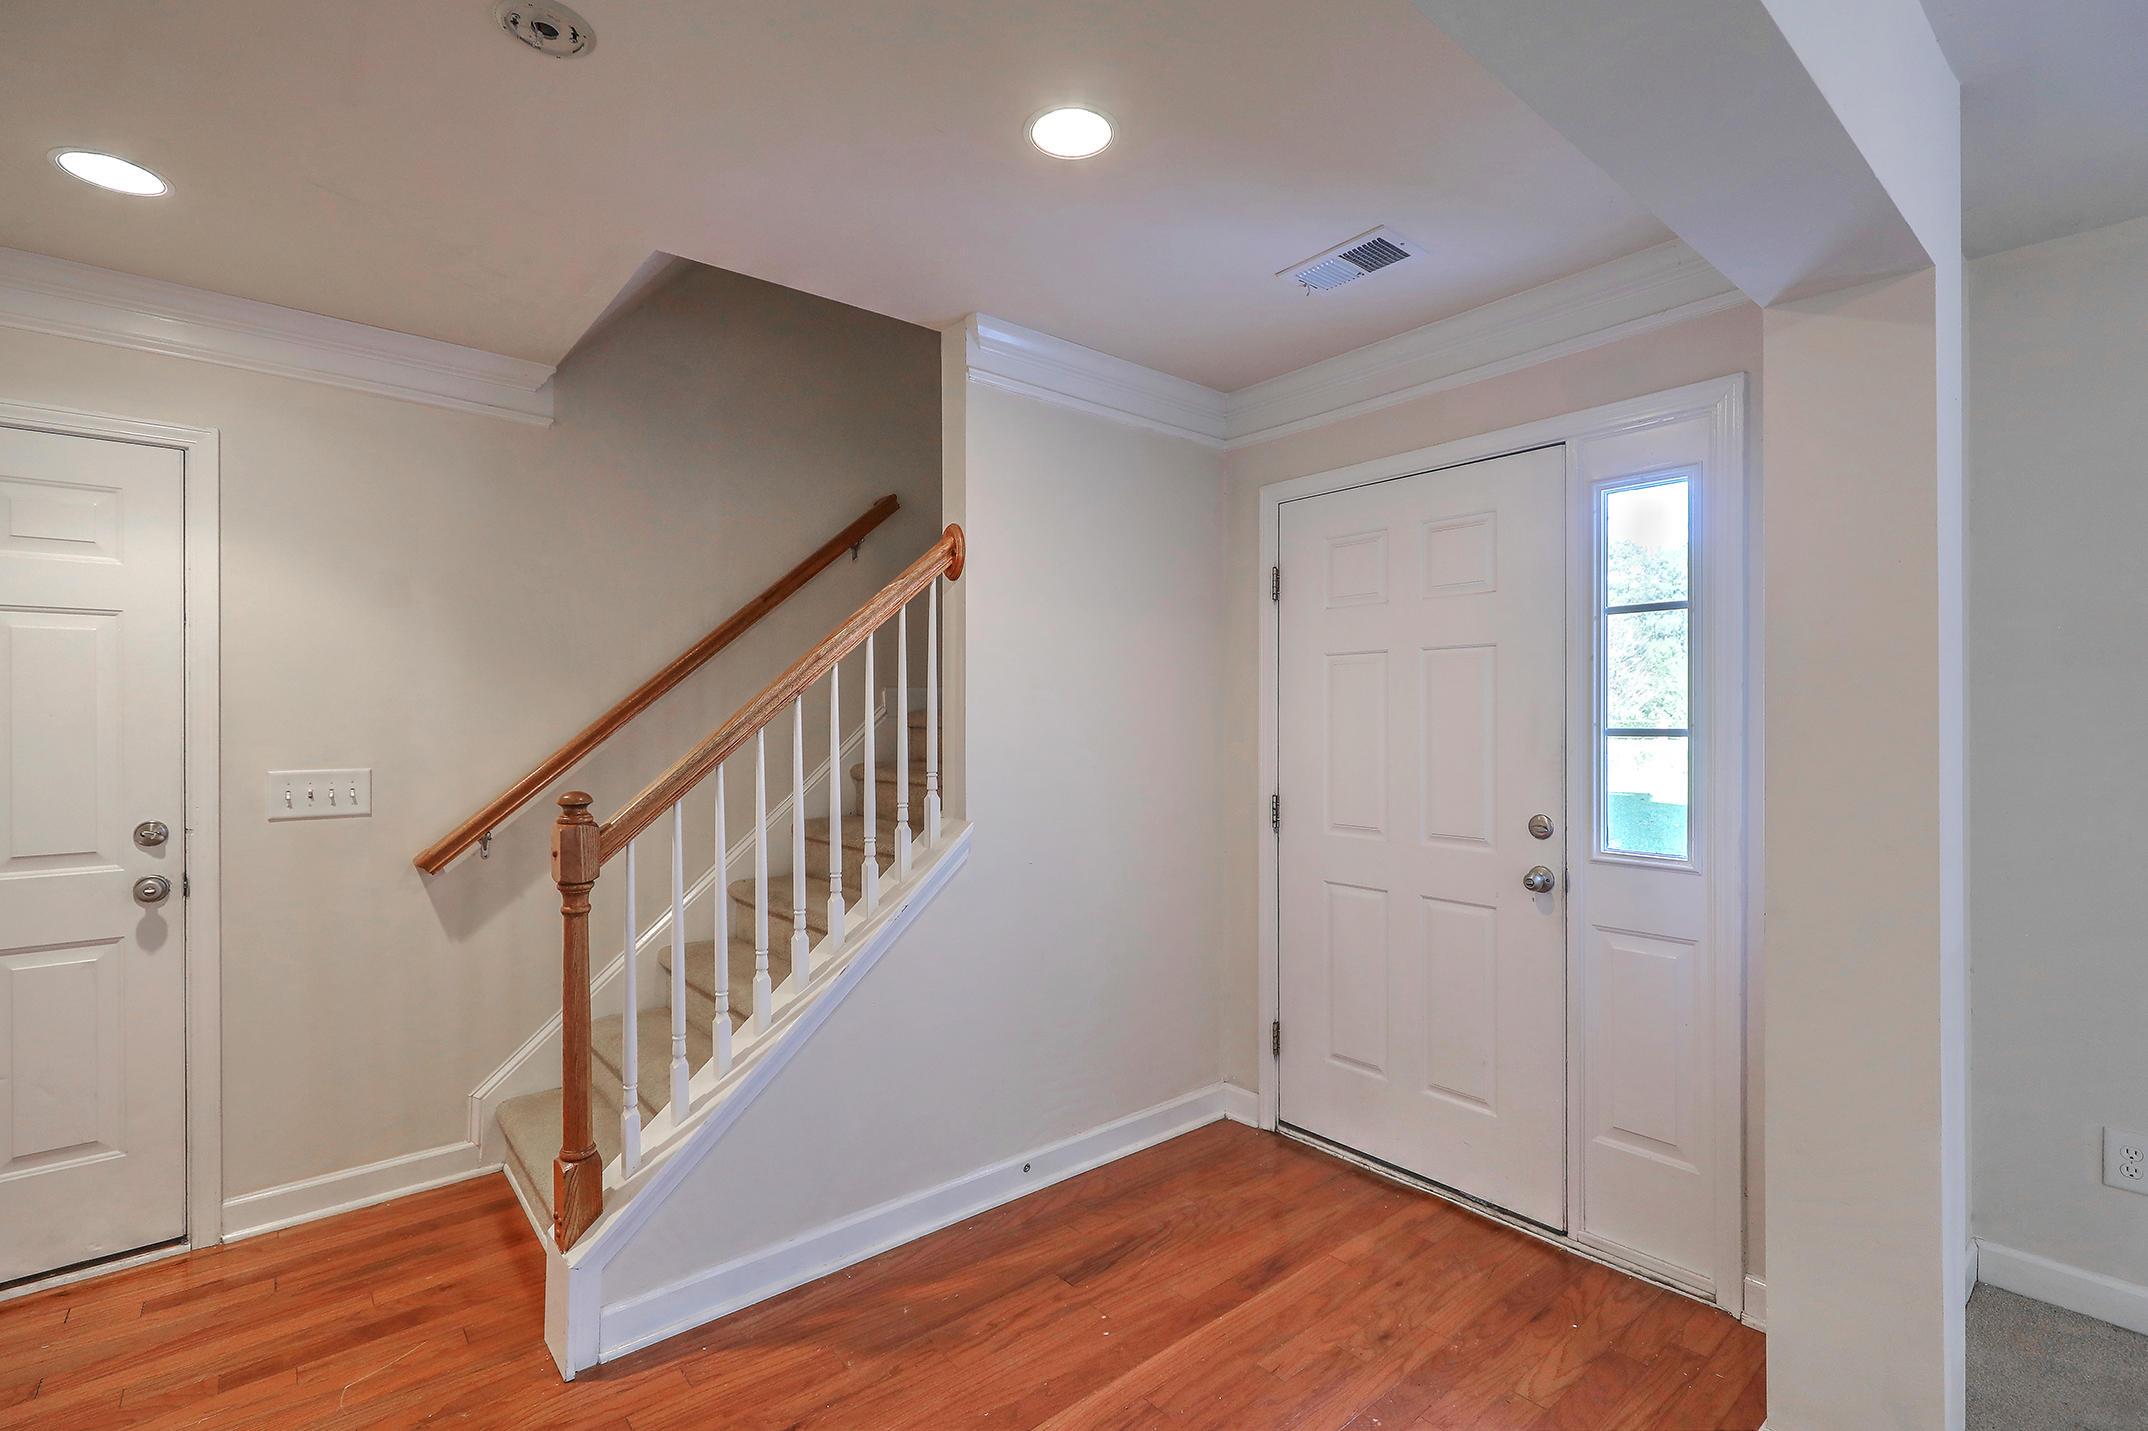 Park West Homes For Sale - 3471 Claremont, Mount Pleasant, SC - 24